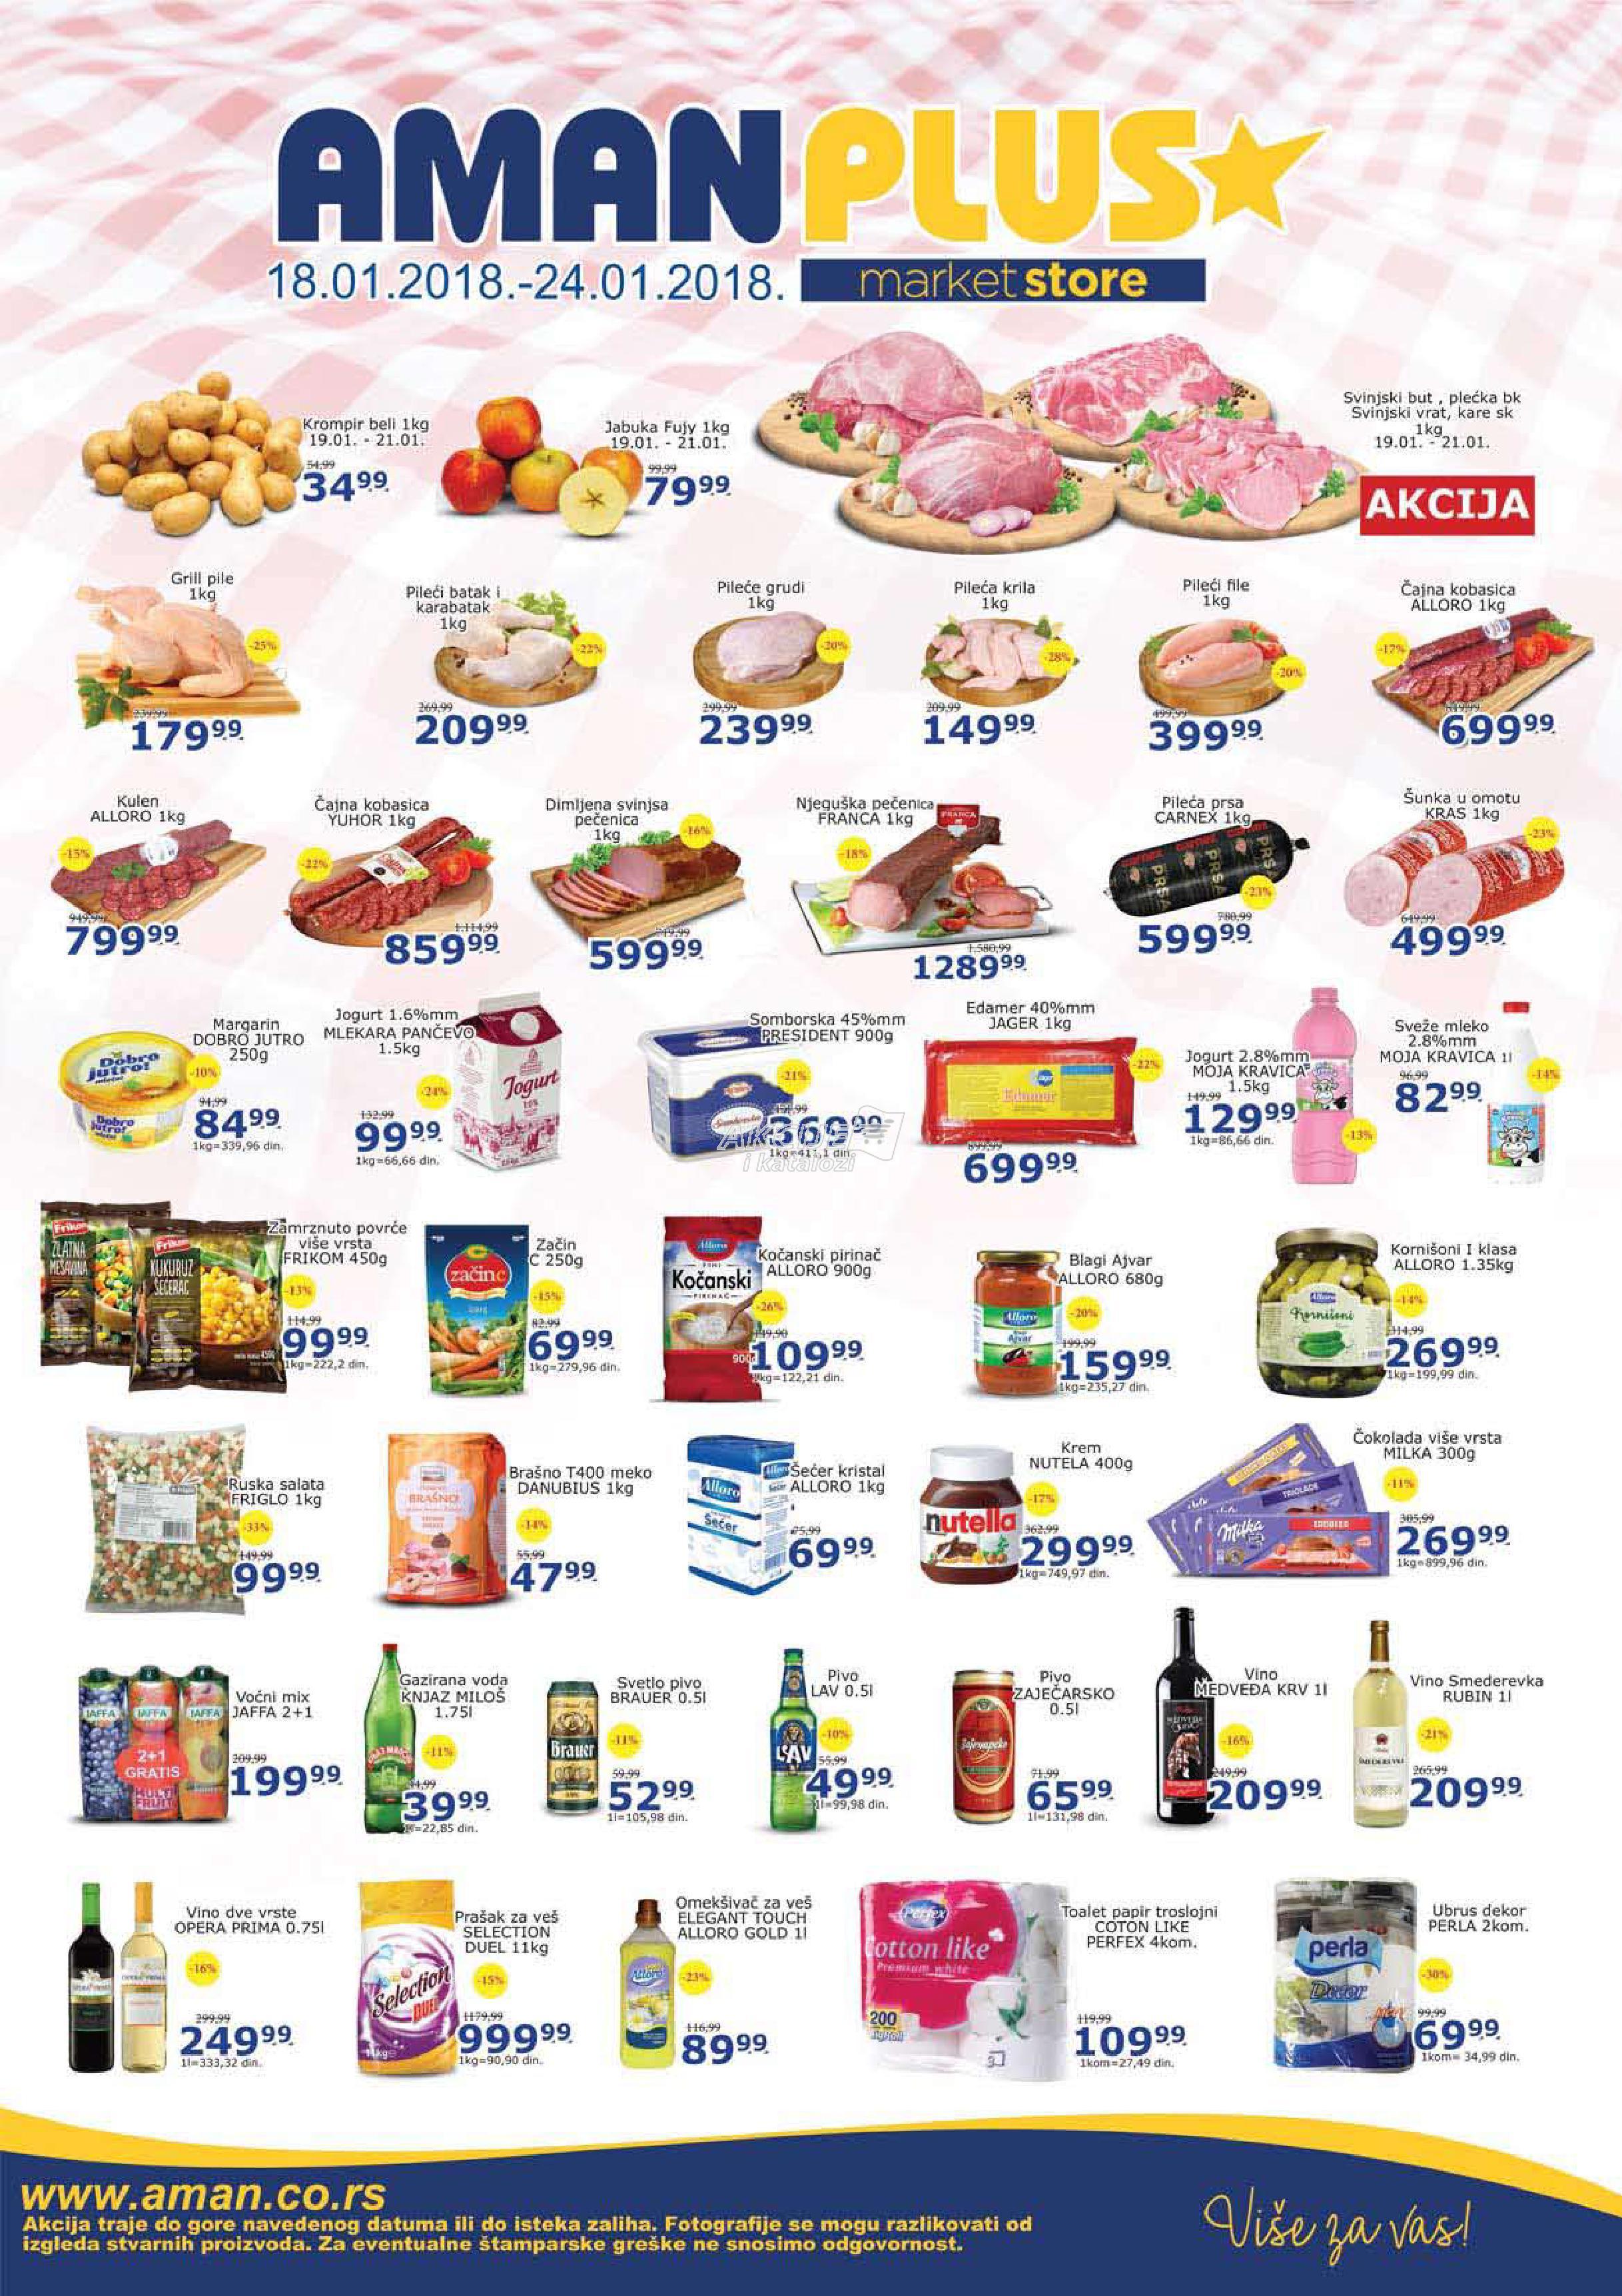 Aman Plus - Redovna akcija nedeljne kupovine